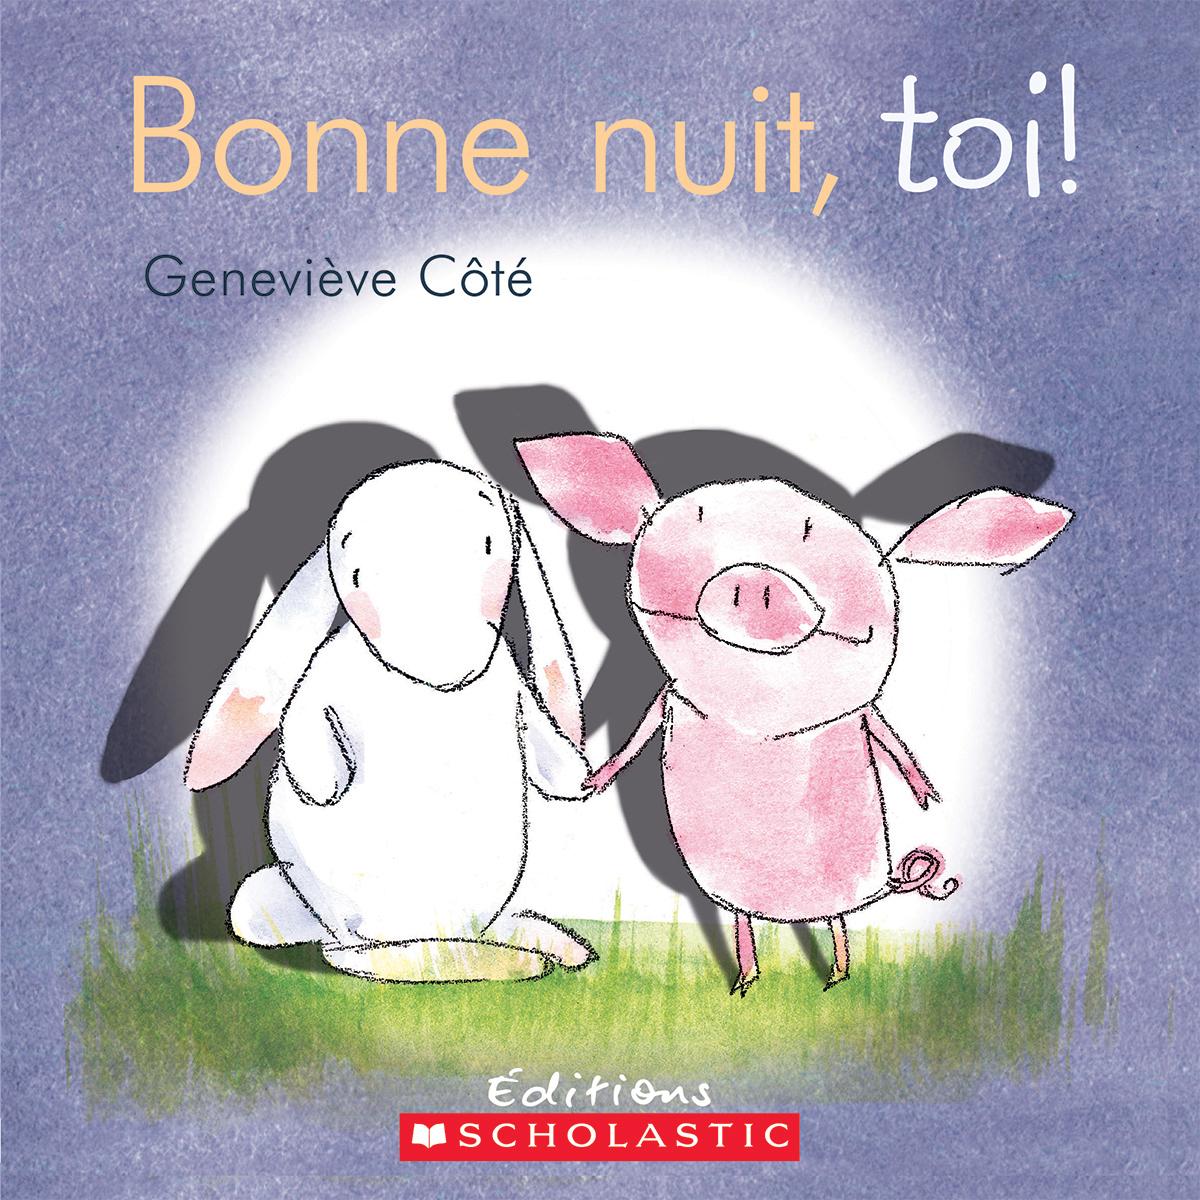 Image Bonne Nuit Éditions scholastic | bonne nuit, toi!